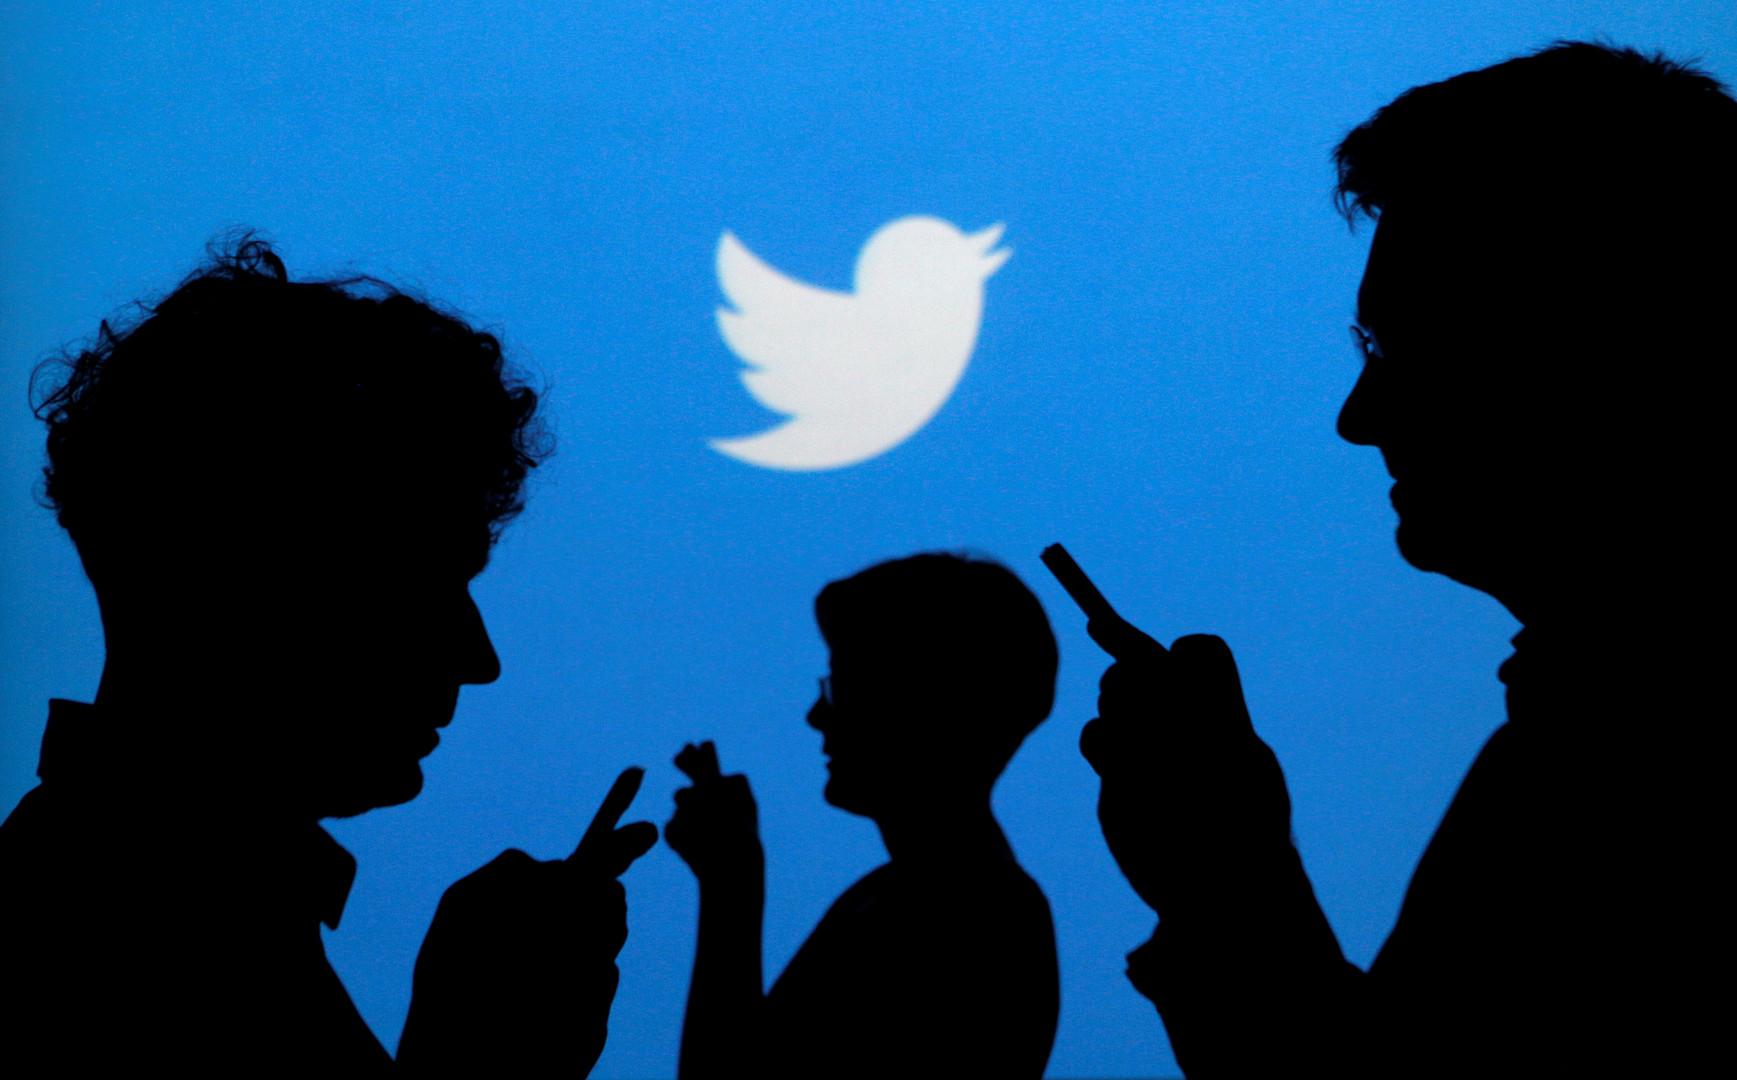 Twitter тайно цензурировал оскорбительные комментарии в адрес Обамы